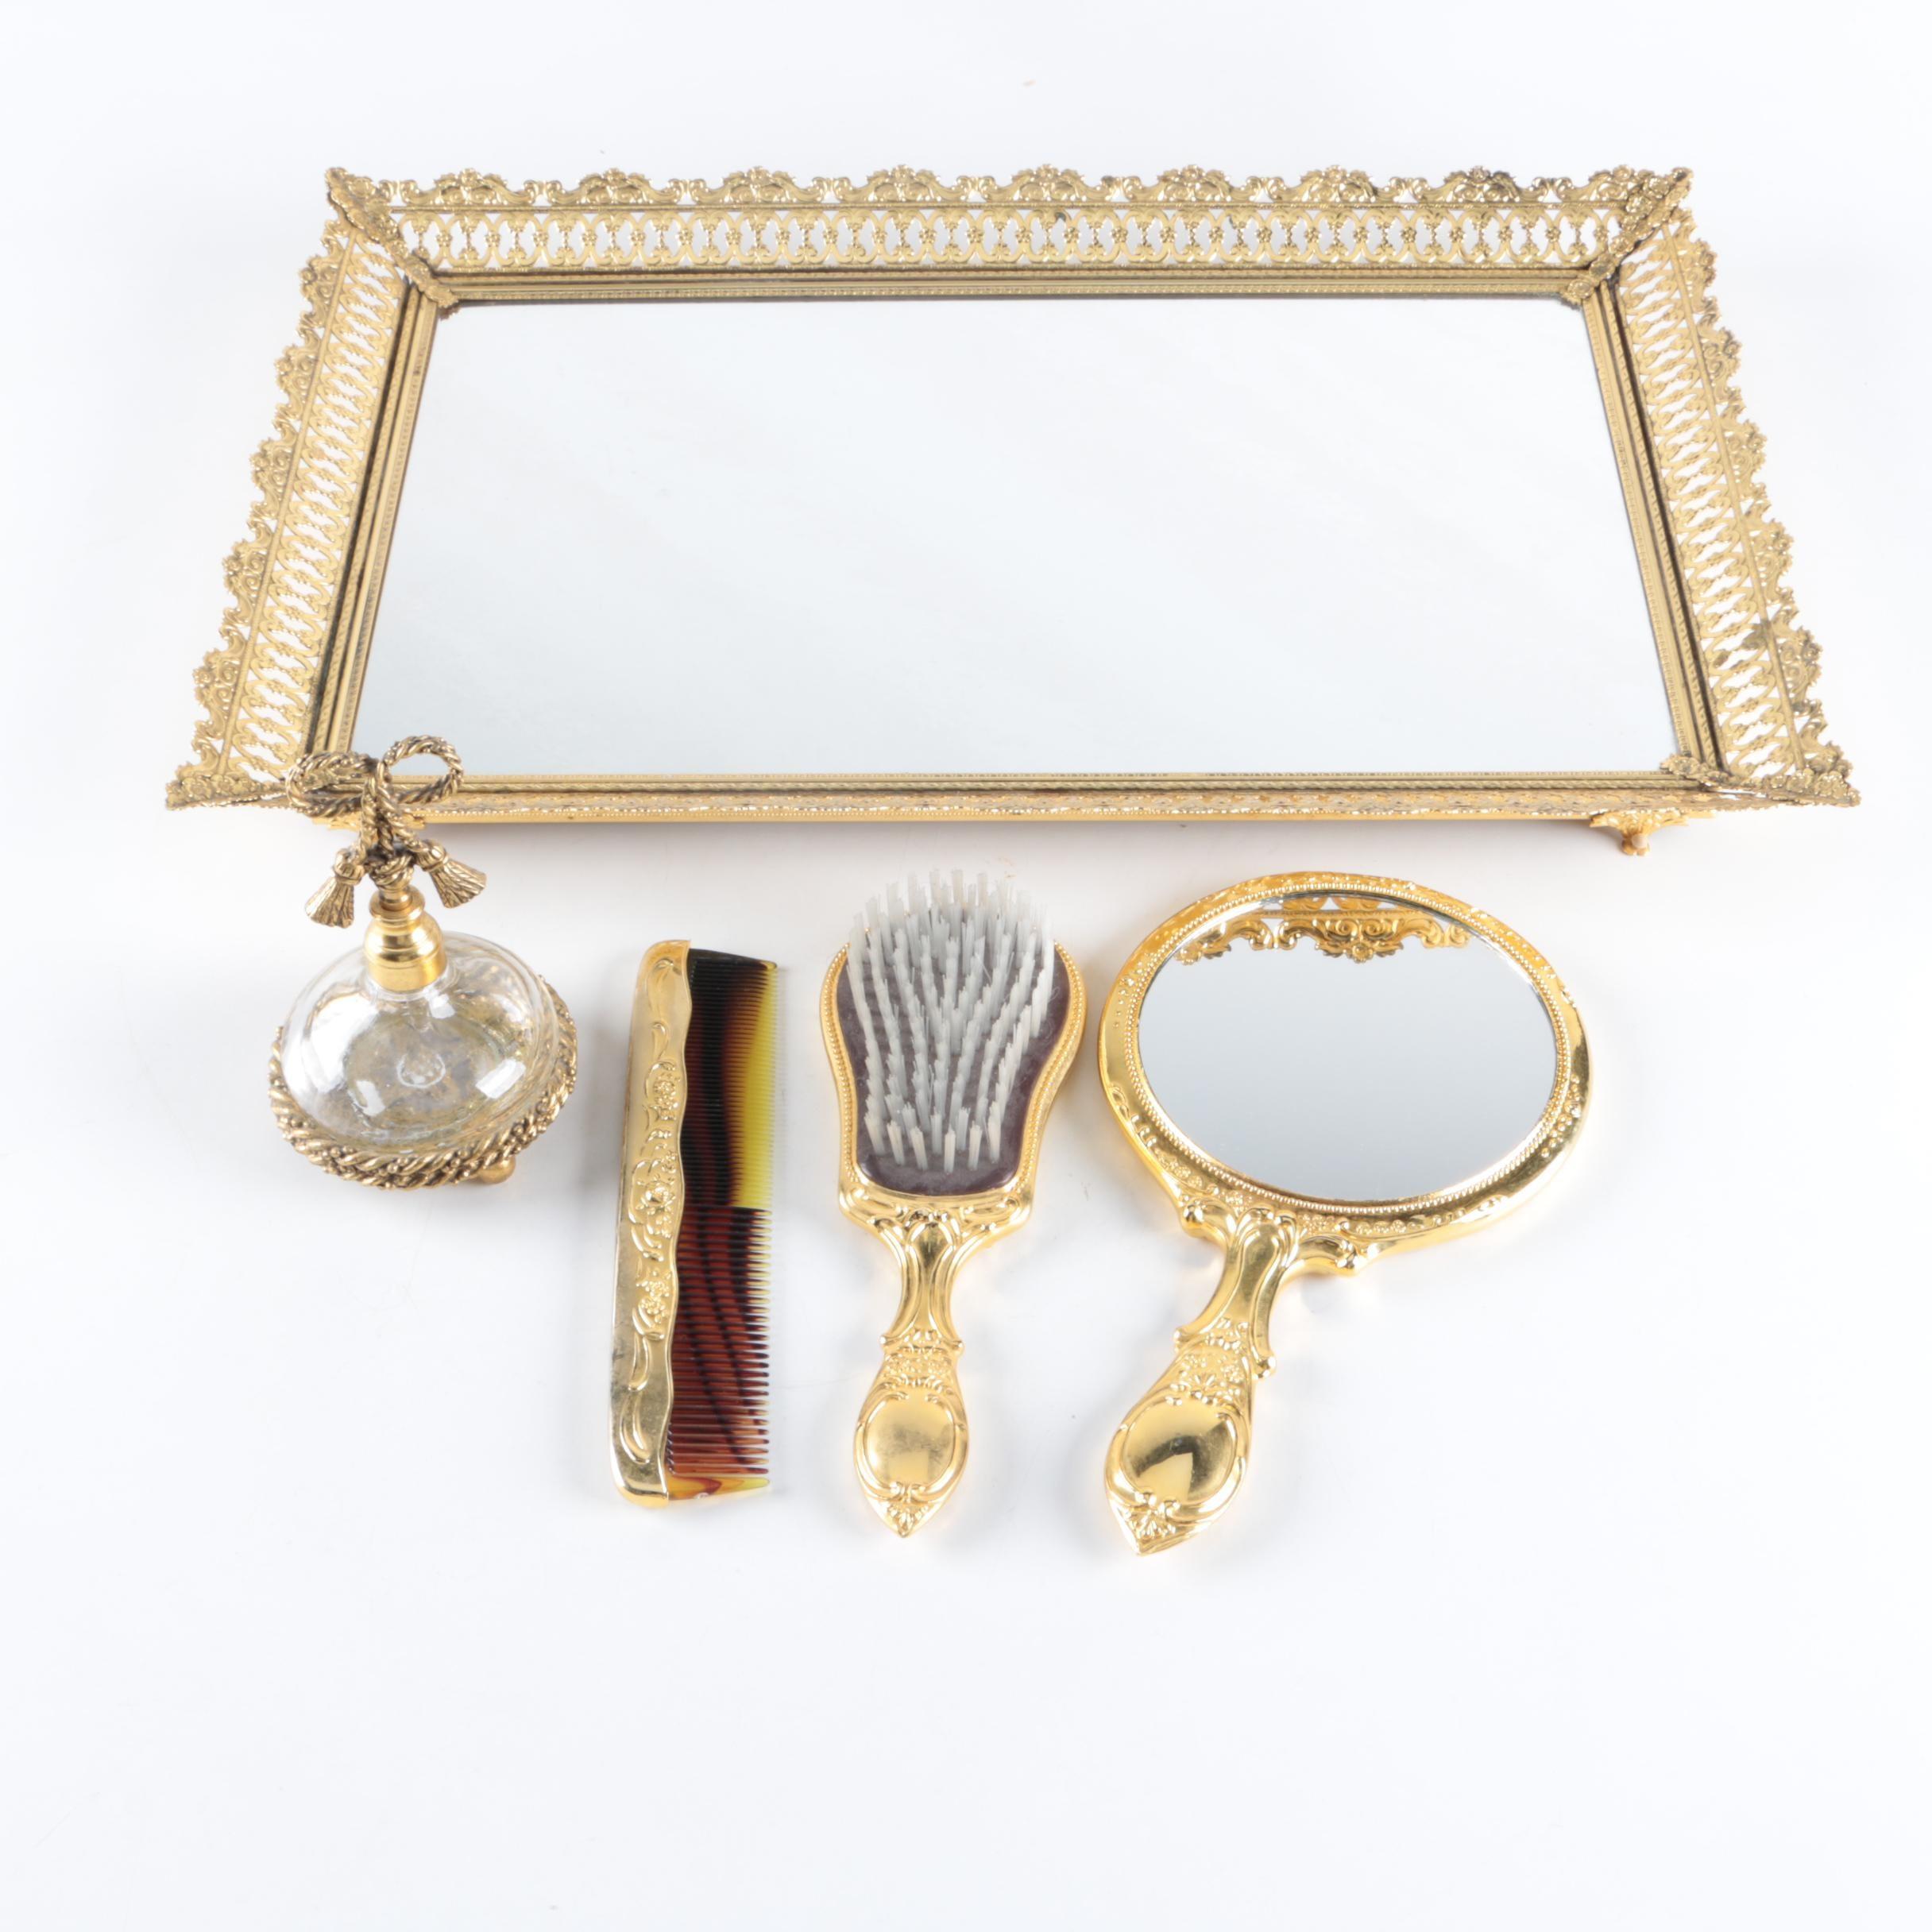 Brass Tone Metal Vanity Accessories